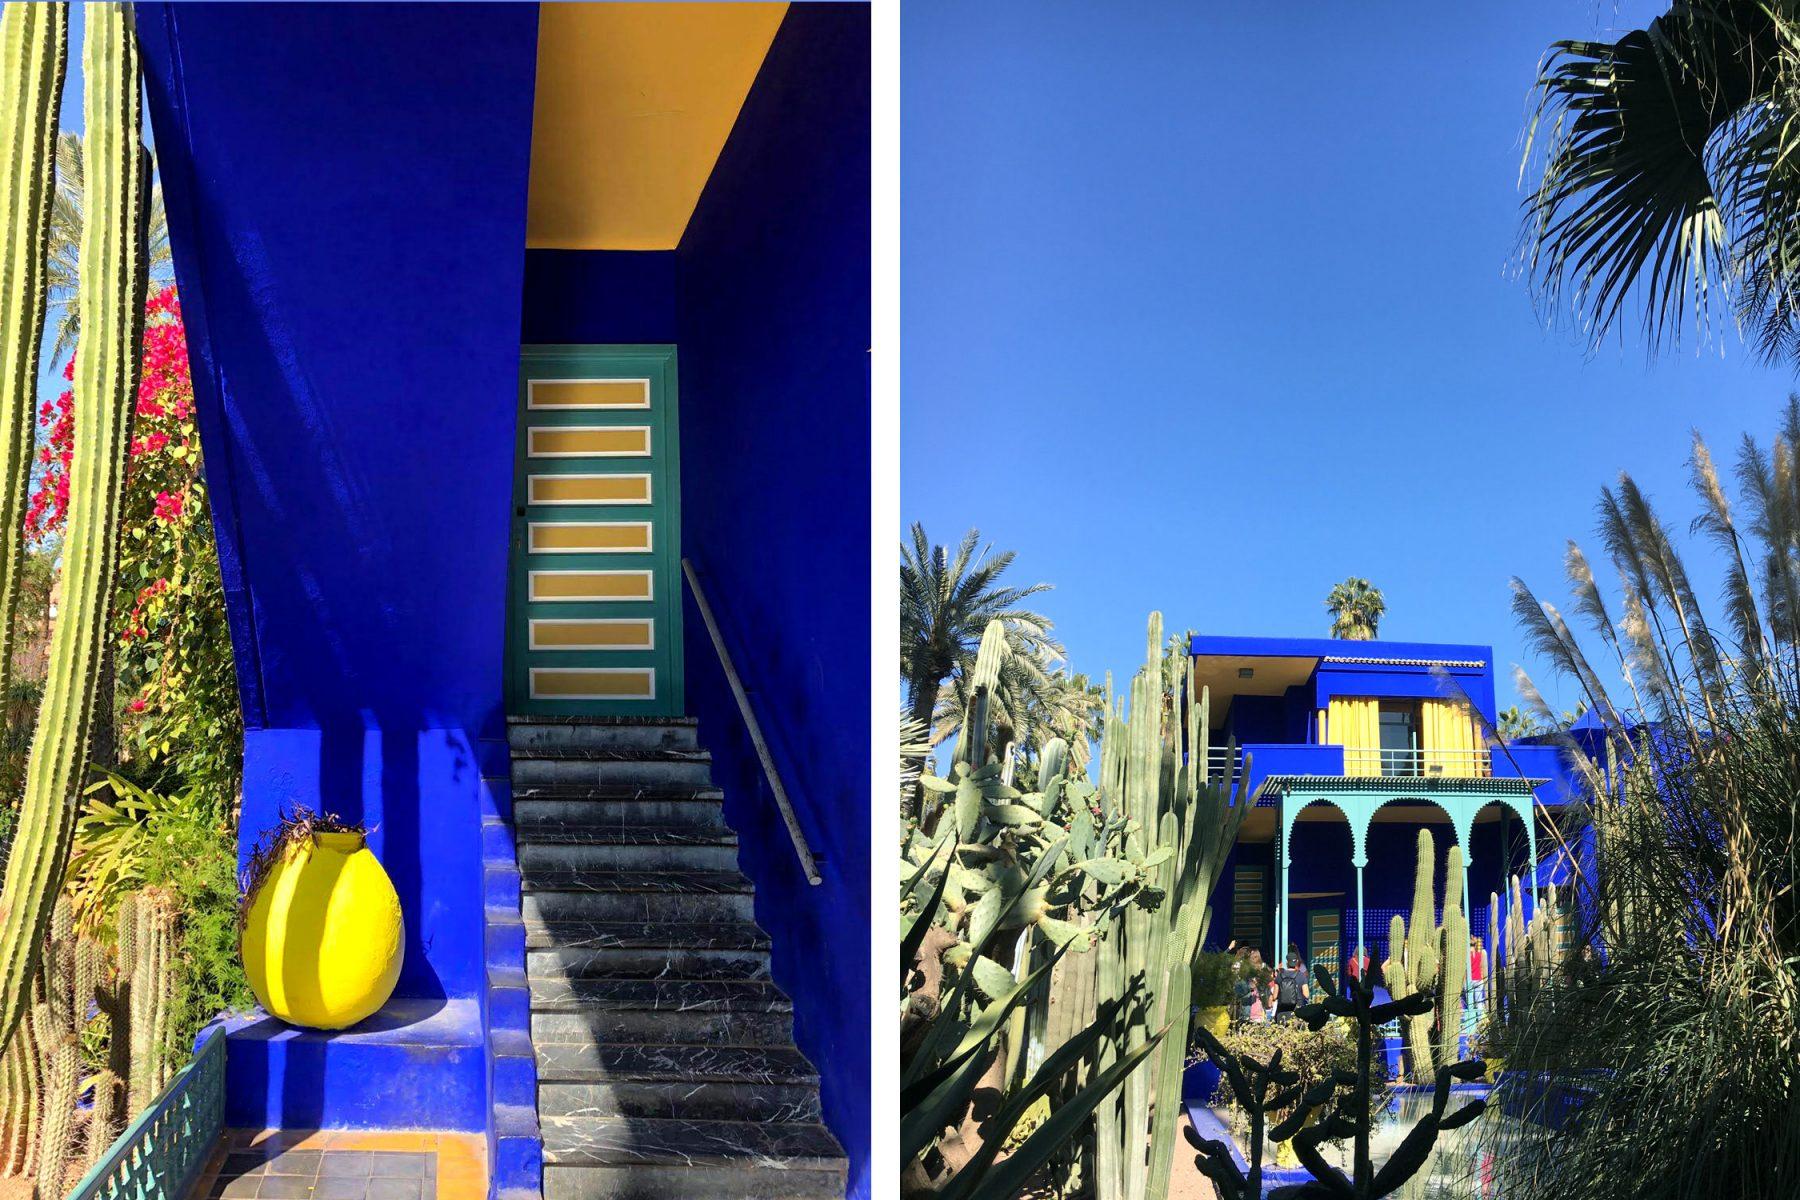 Marrakesch Inspiration